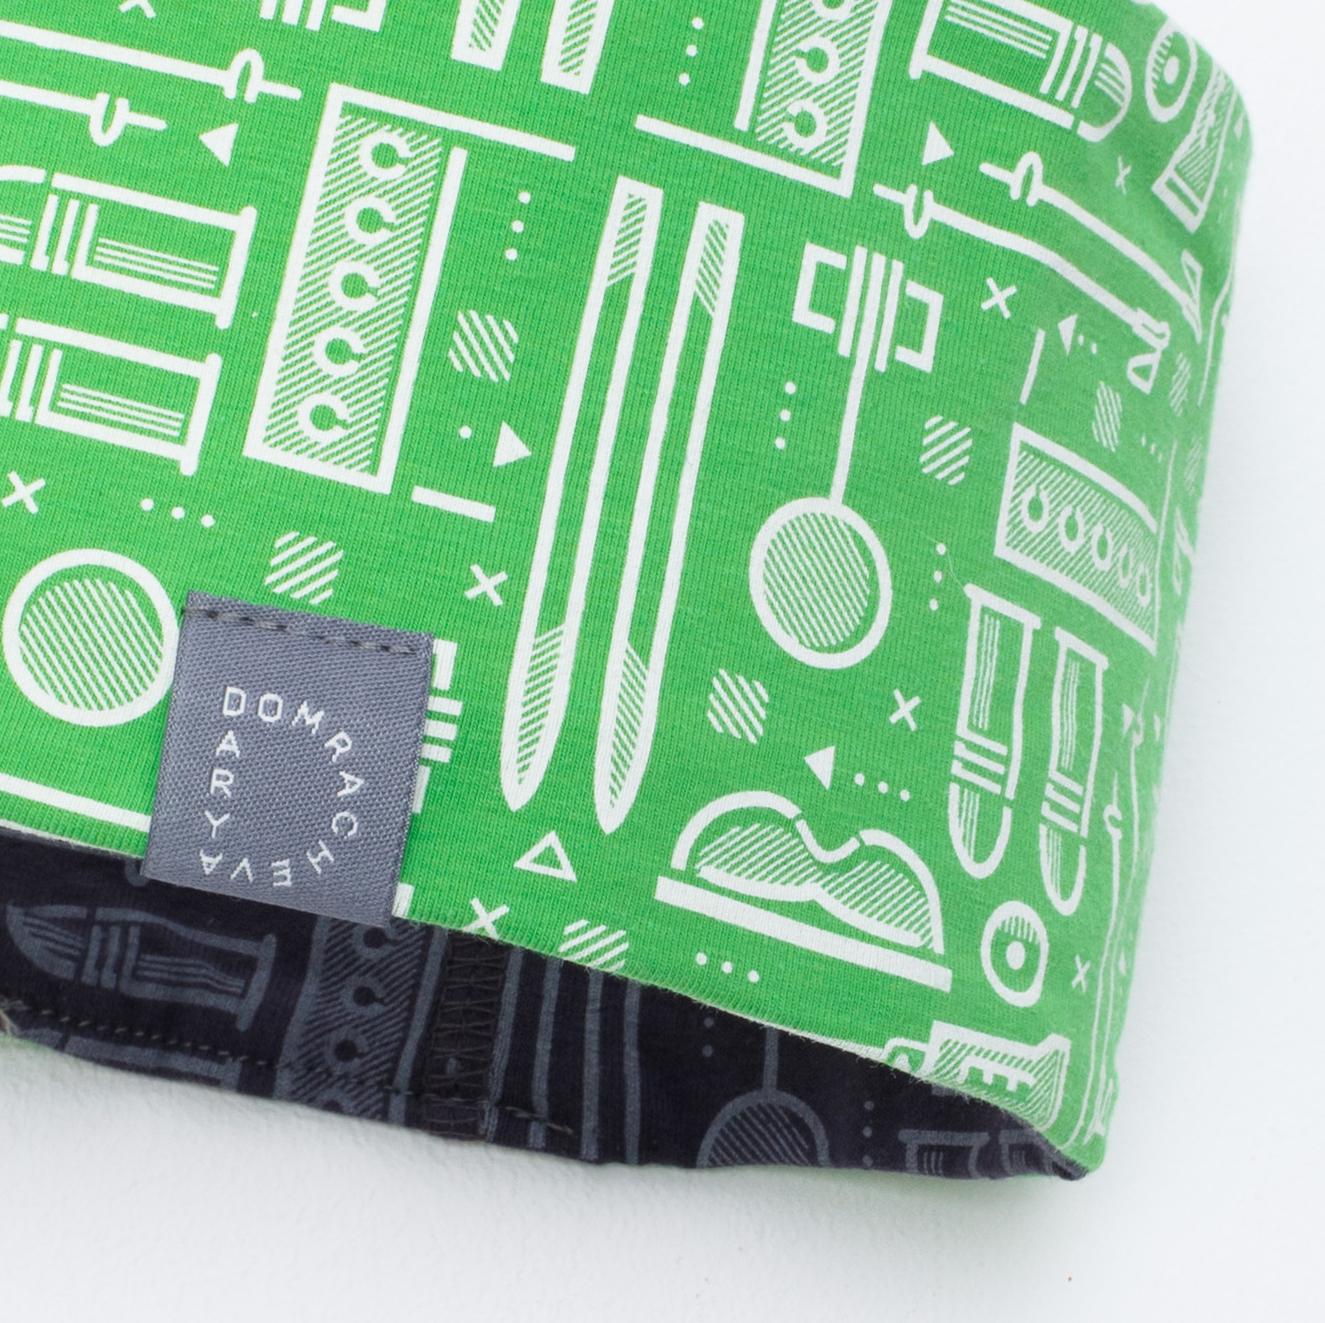 (RU) Тест-драйв повязки, бафа и шапочки